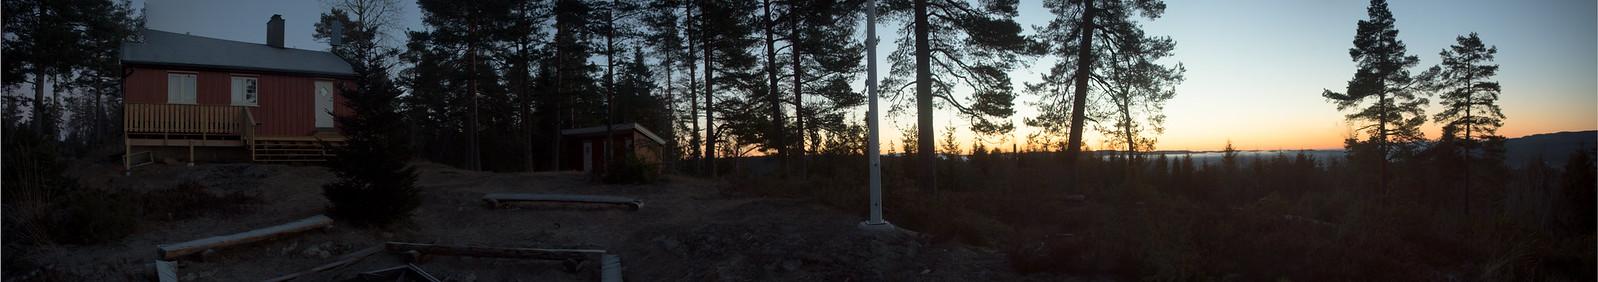 Cabin Panorama-2